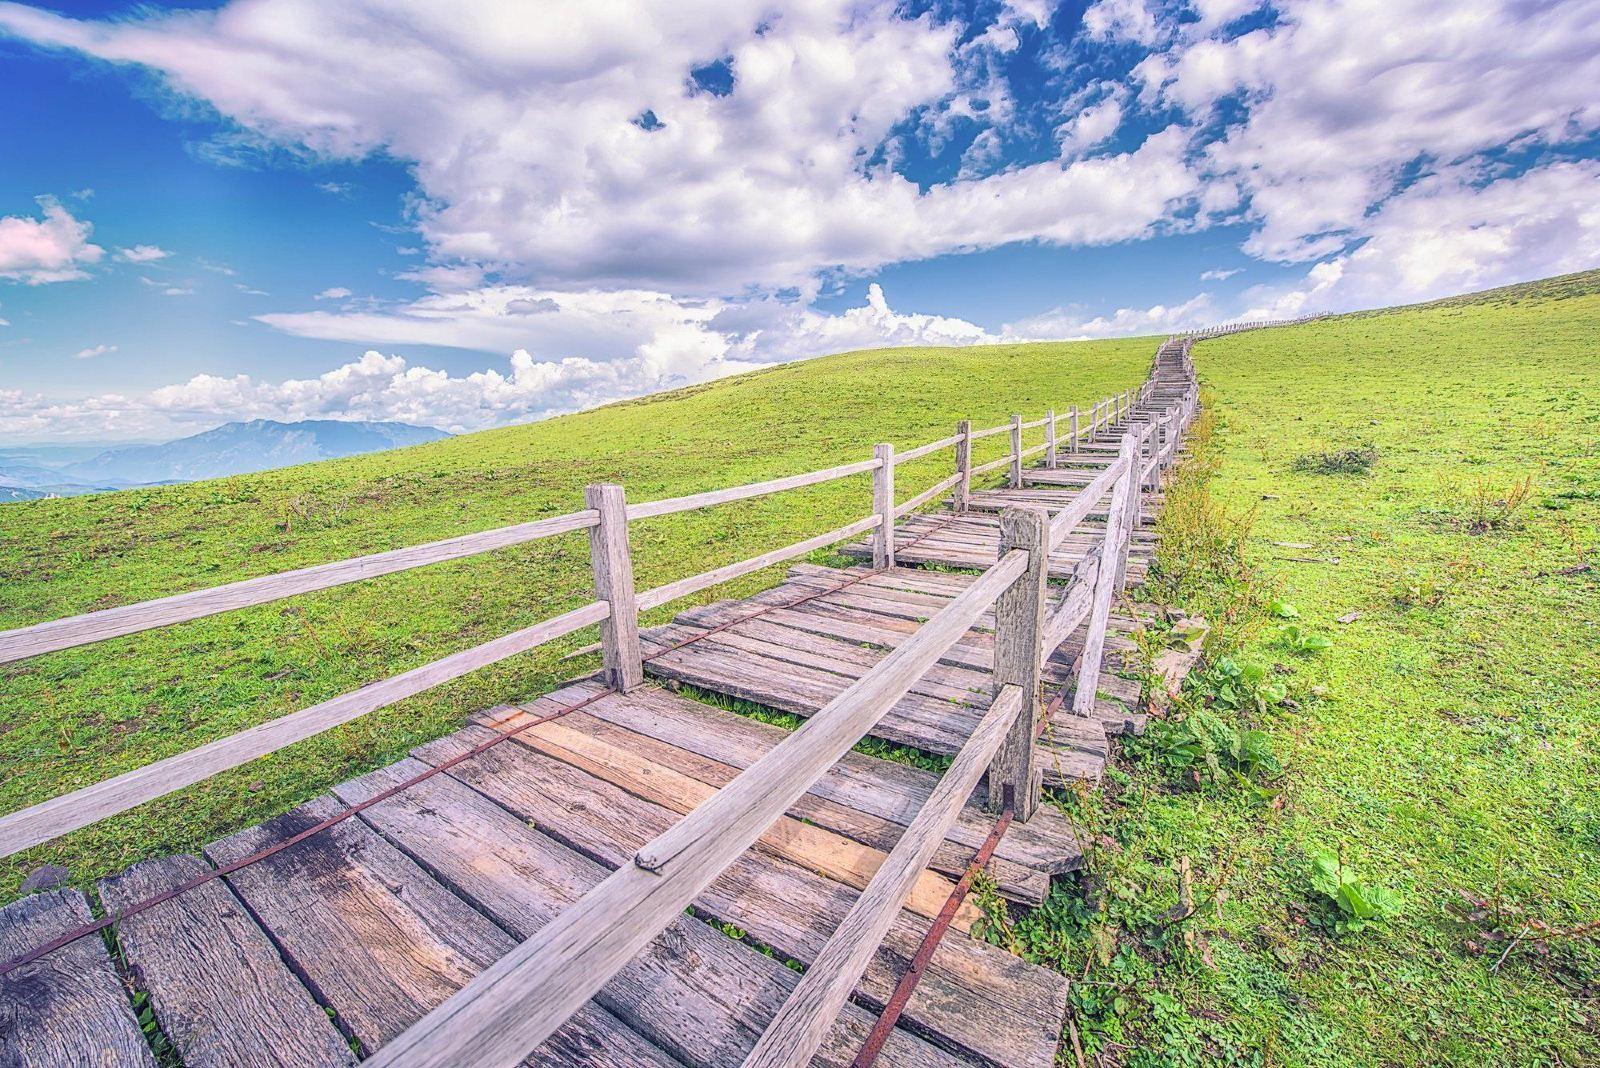 【大理三塔公园】——大理旅游美景介绍